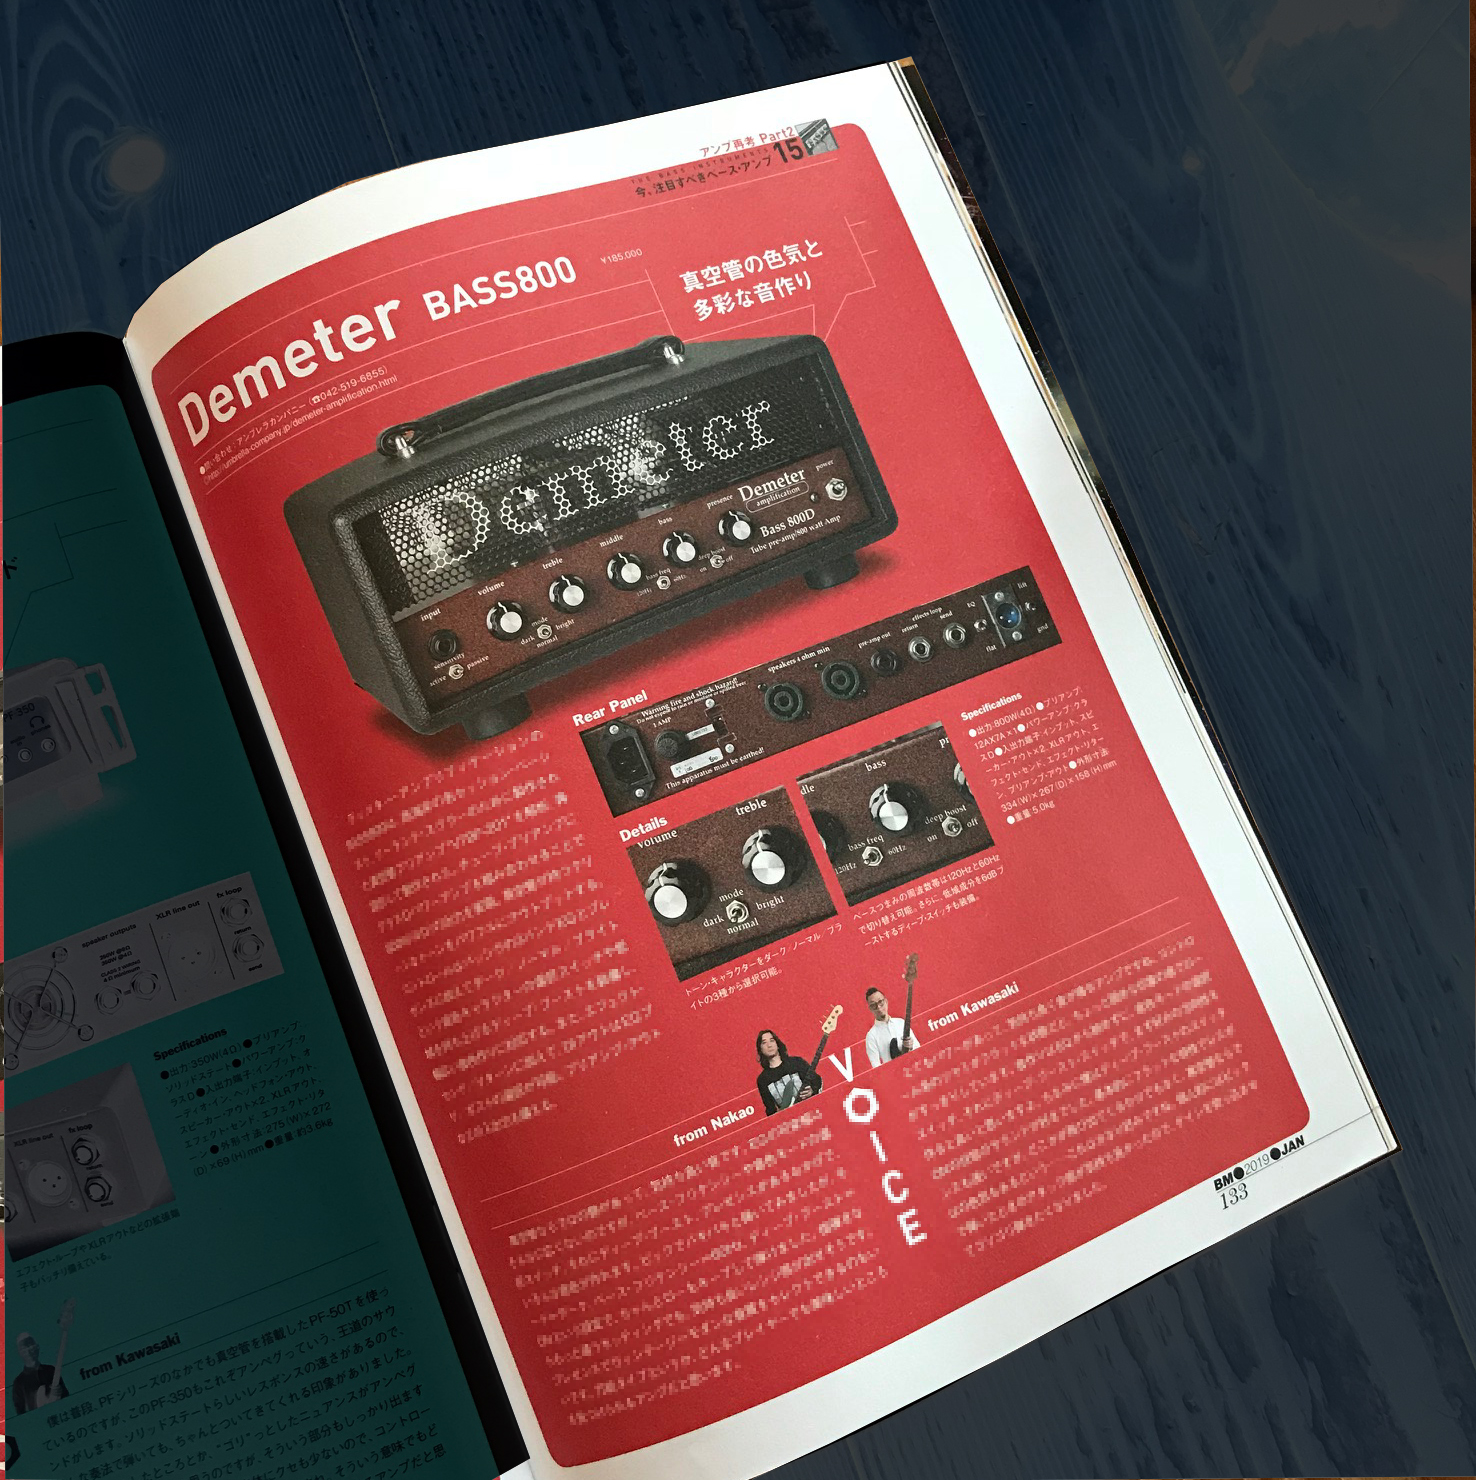 ベースアンプ,お勧めベースアンプ,高音質ベースアンプヘッド,Demeter,BASS800,BASS800D,ベースヘッド,ハイエンドベースアンプ